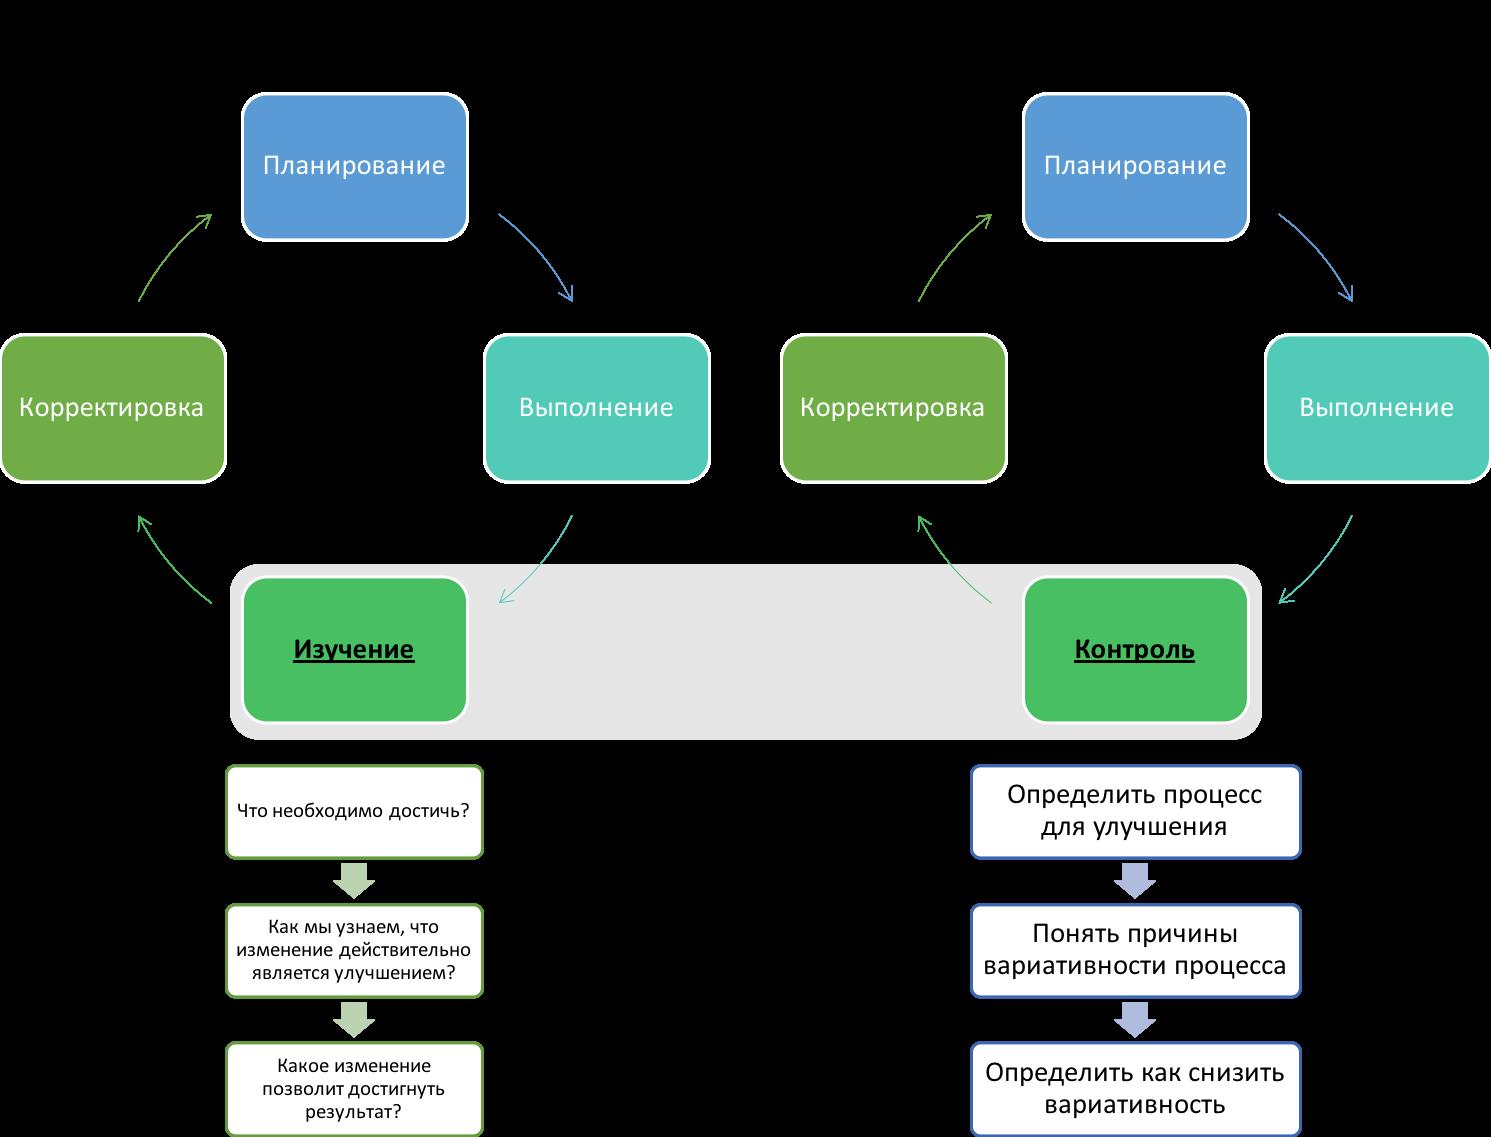 основы бизнес процессов - PDSA vs PDCA